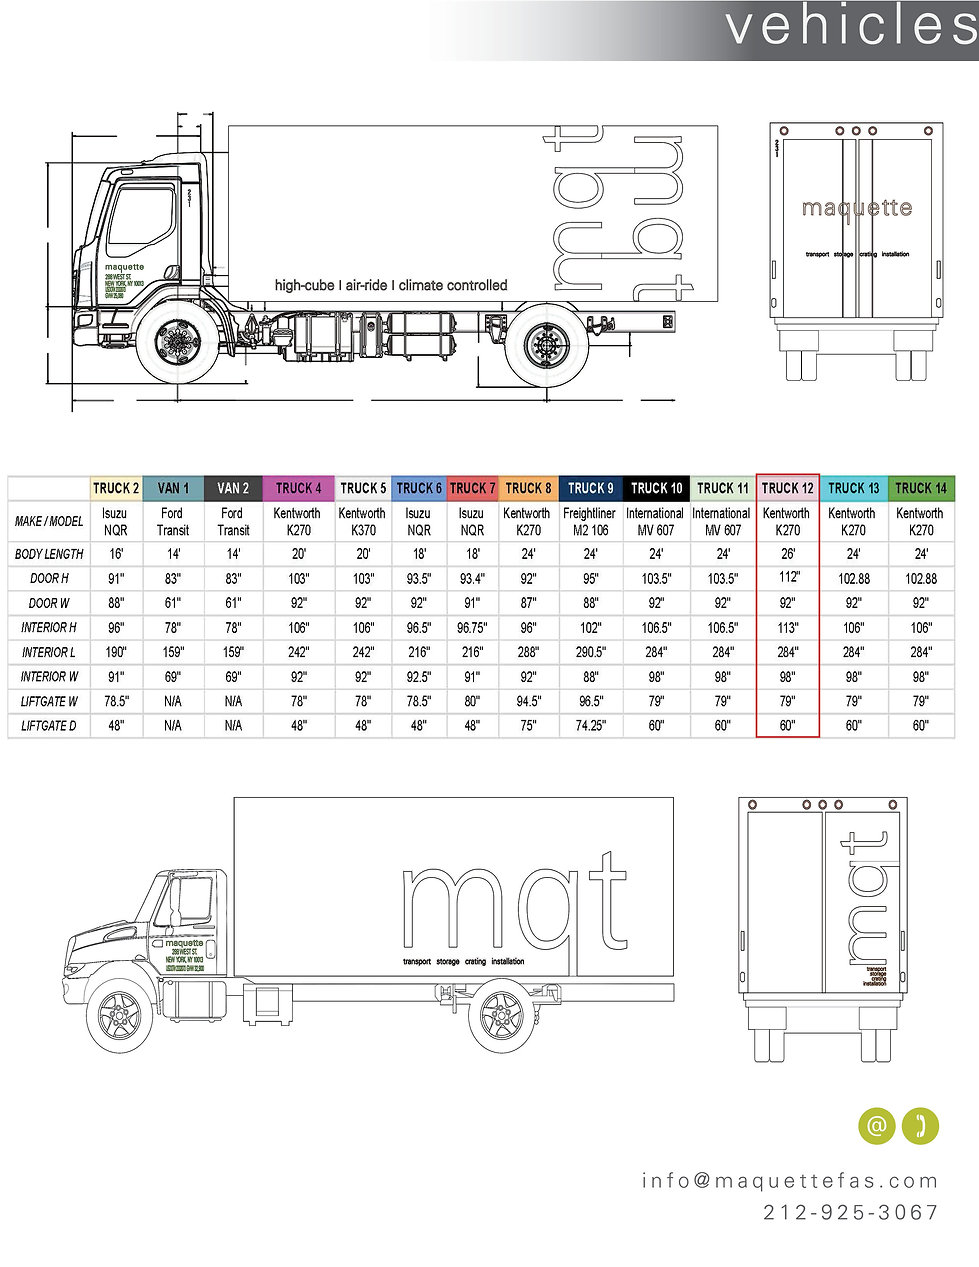 PDF info7.jpg